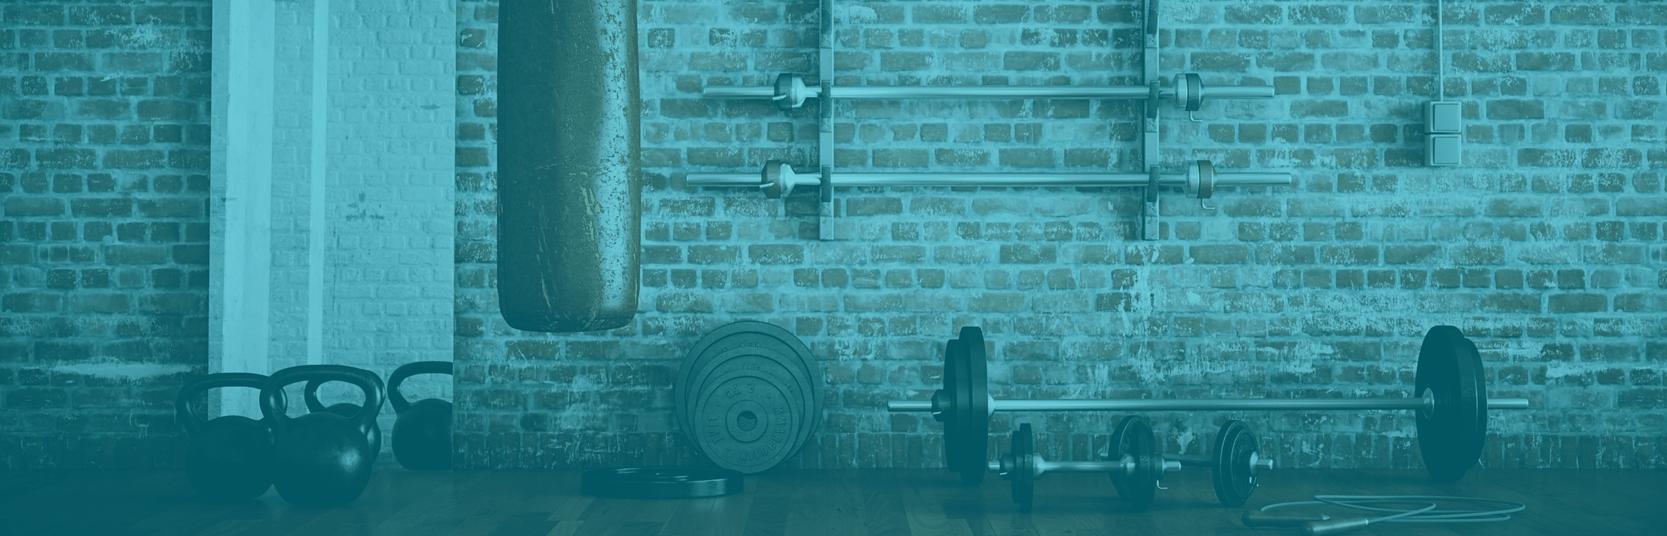 Resamania le logiciel fitness du groupe StadLine - Gérer intégralement votre club de fitness - Fond